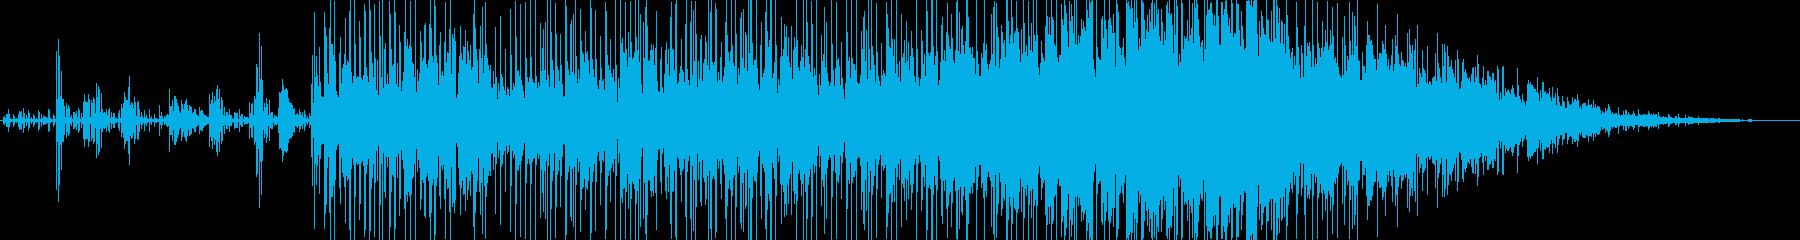 アーバン、パワフル、反復的。コード...の再生済みの波形